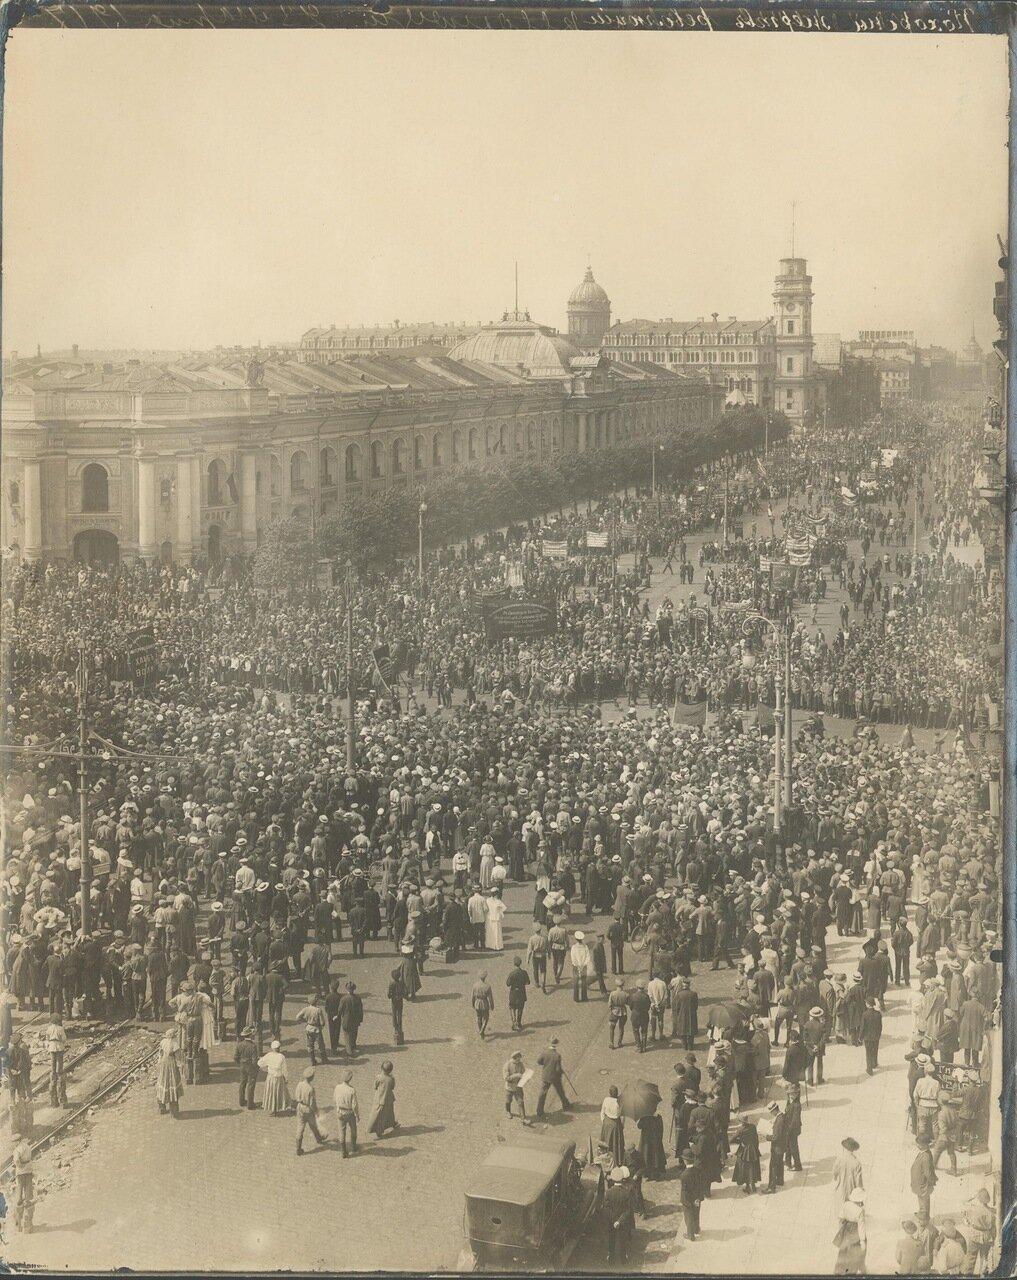 Мирная манифестация в Петрограде 18 июня 1917 г. Шествие рабочих делегаций по Невскому проспекту